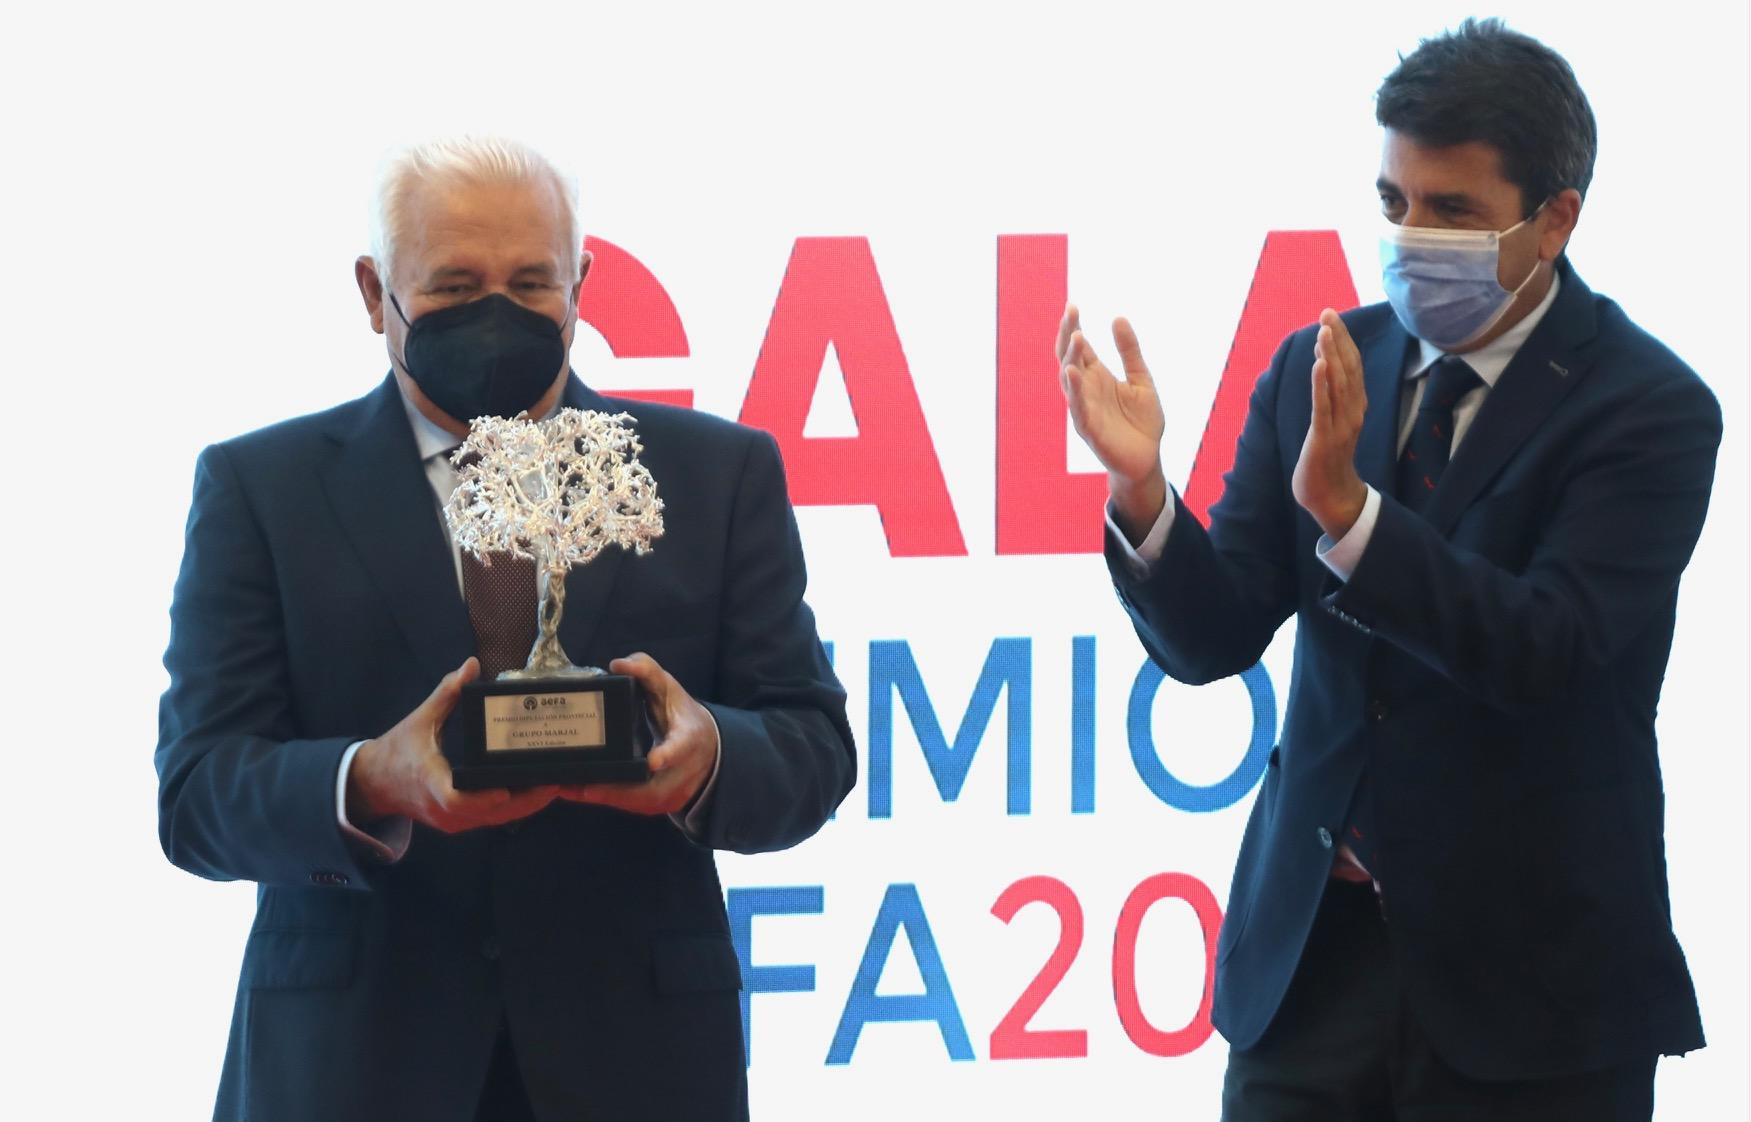 El presidente de la Diputación participa en Dénia en la XXVI edición de los Premios AEFA que reconocen la trayectoria de empresas y profesionales de la provincia